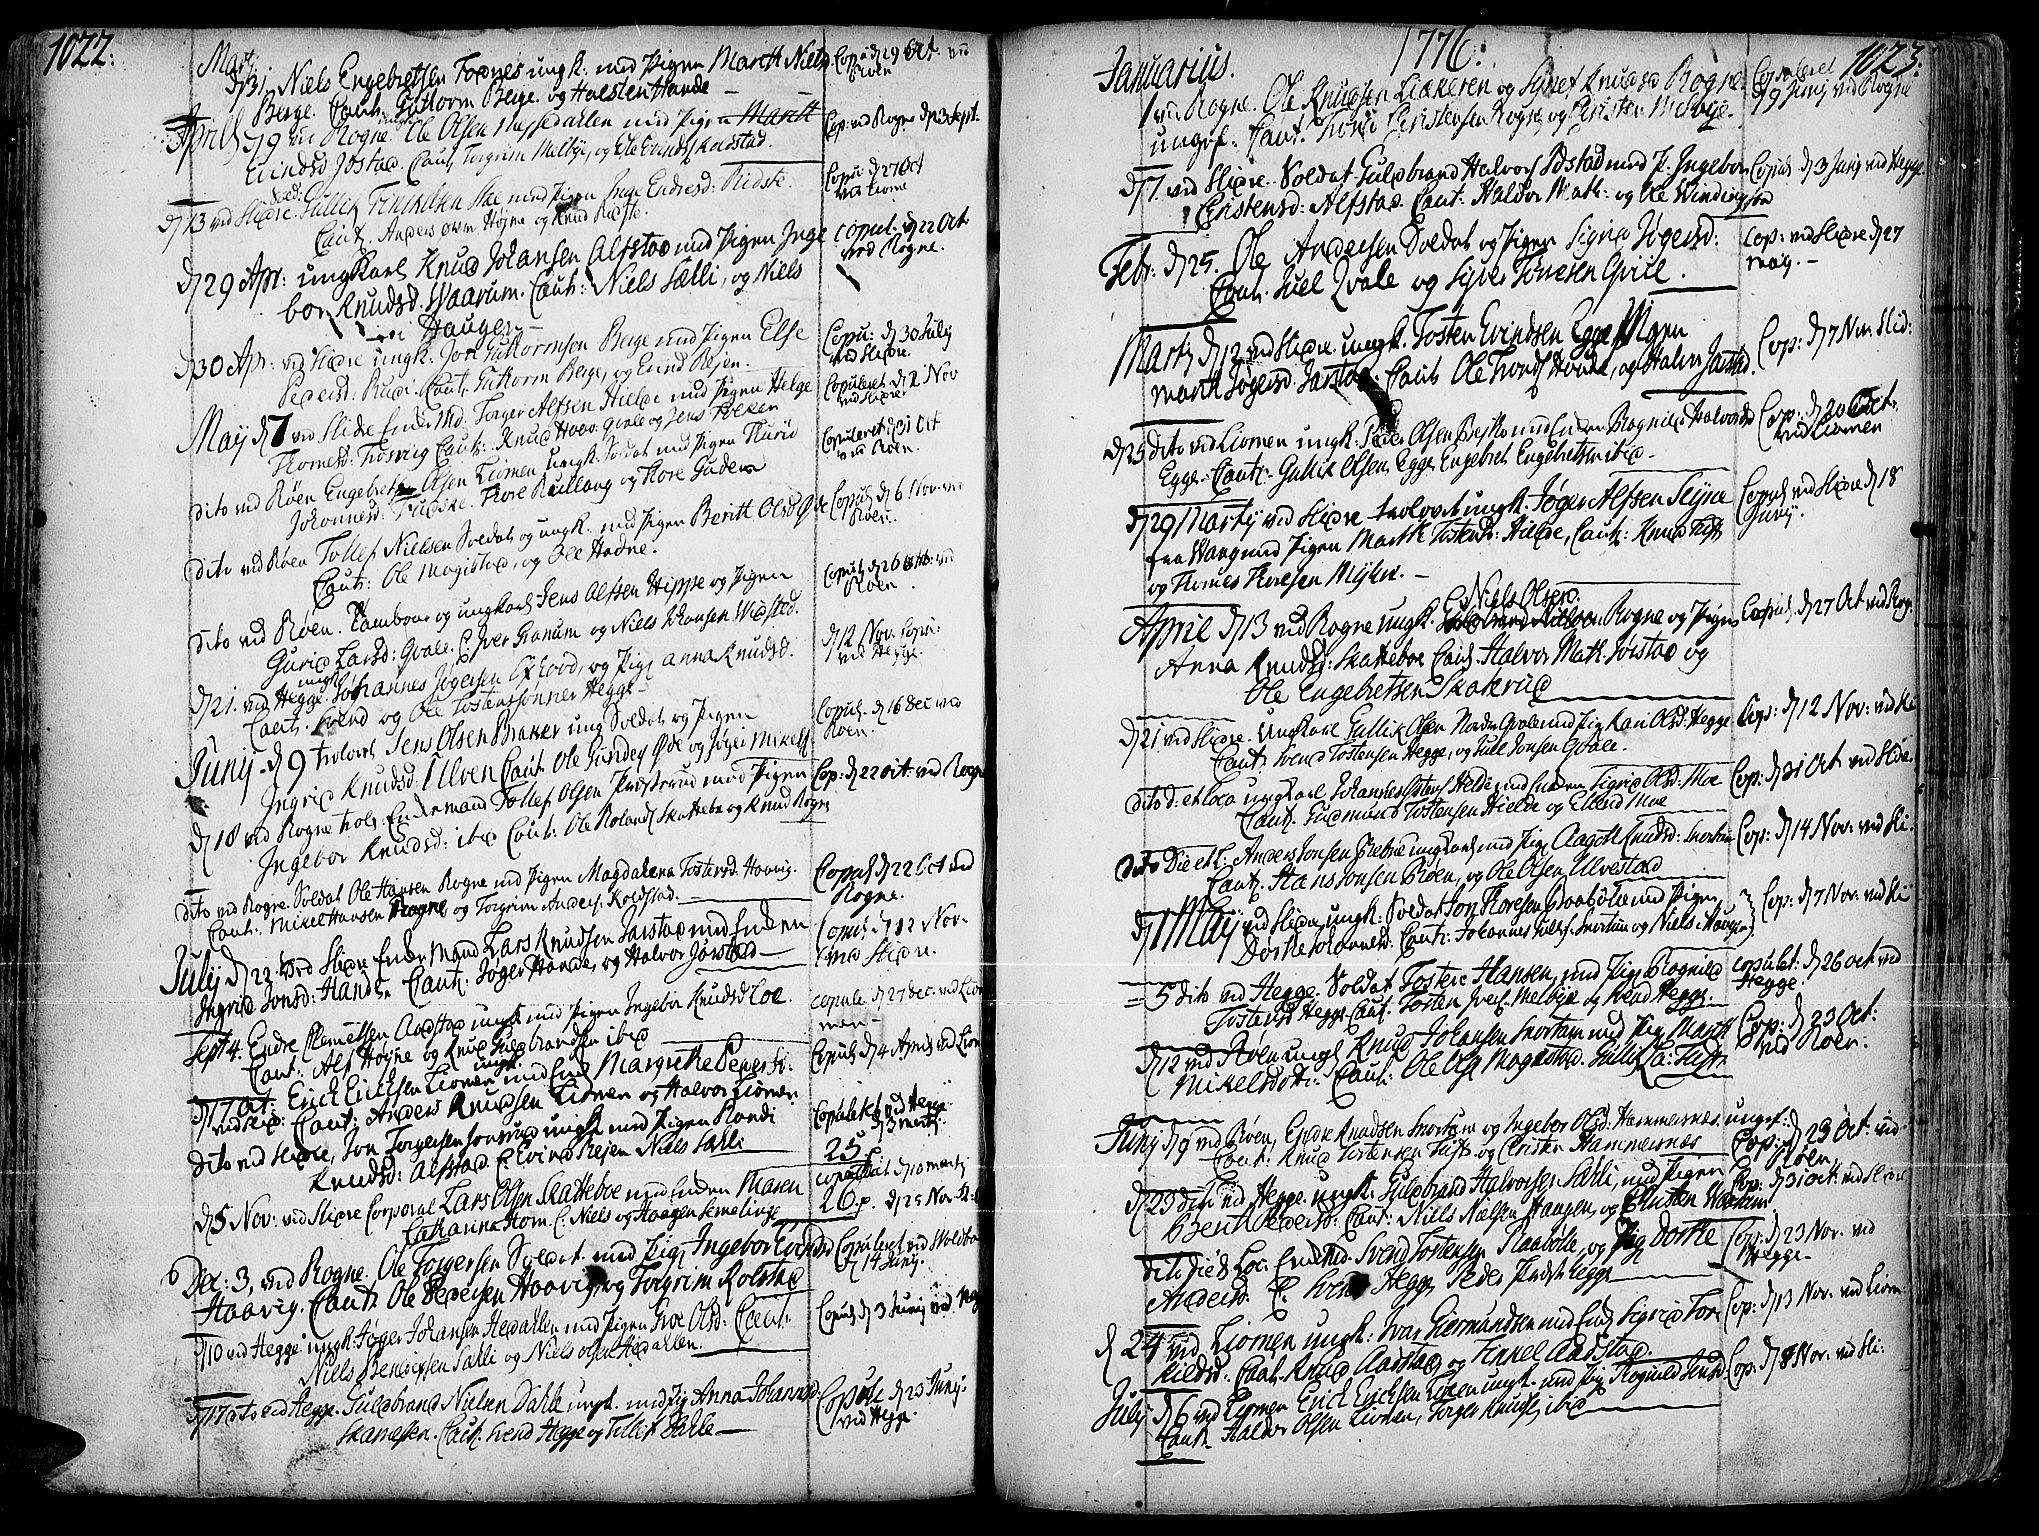 SAH, Slidre prestekontor, Ministerialbok nr. 1, 1724-1814, s. 1022-1023